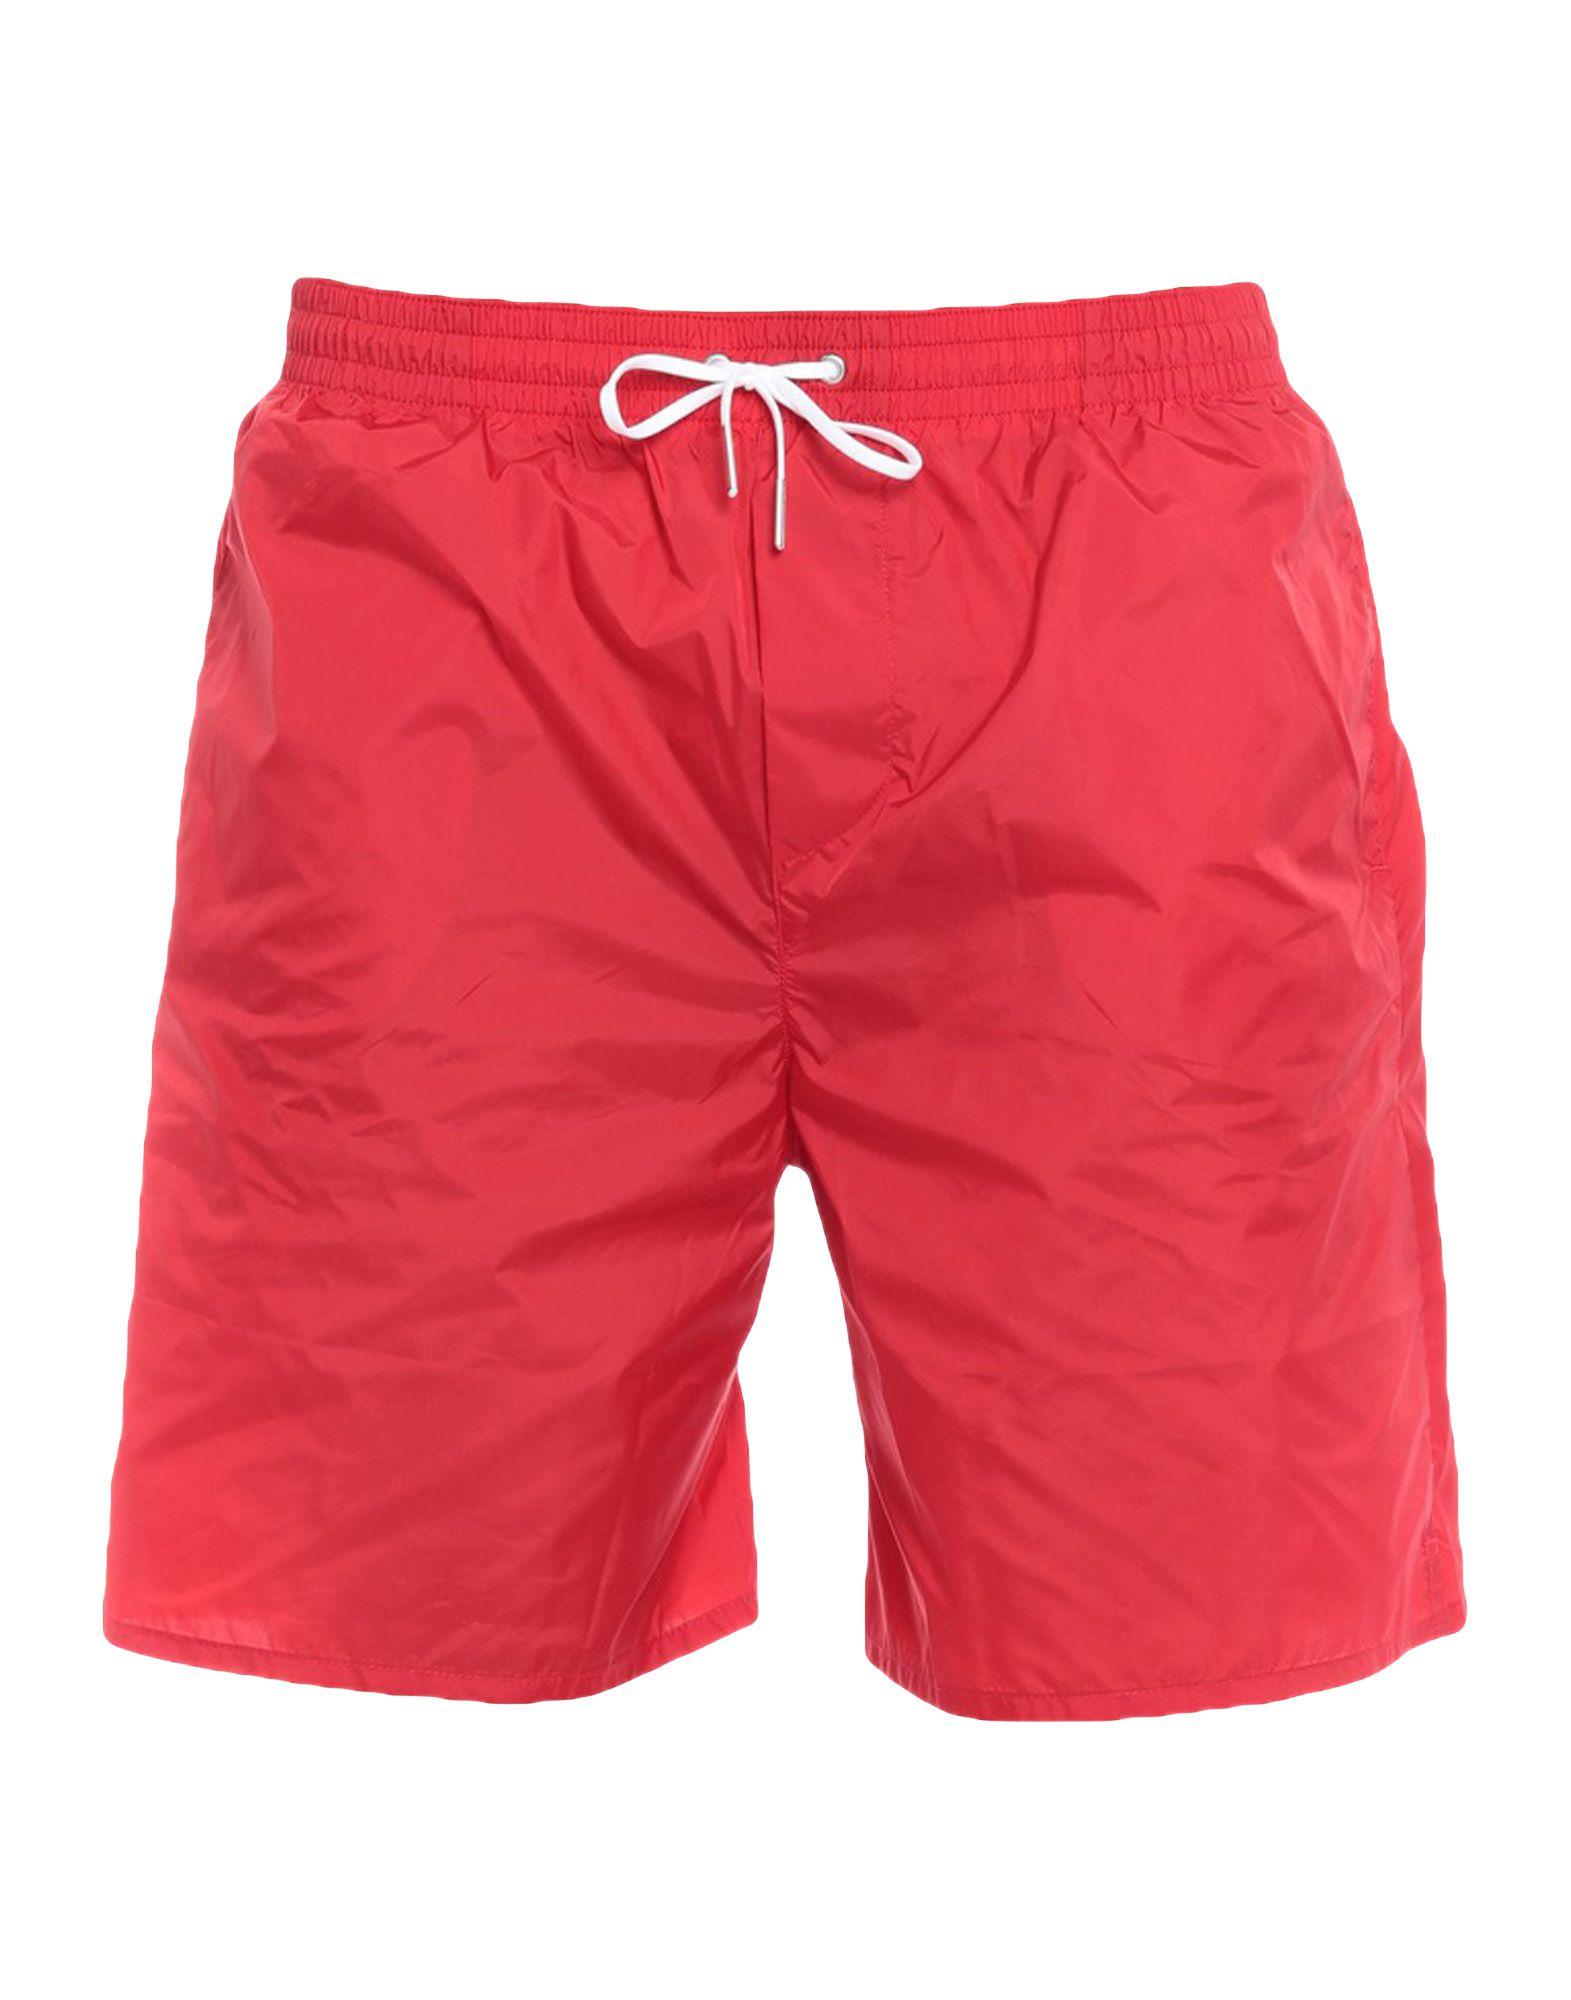 《セール開催中》DSQUARED2 メンズ 水着(パンツ) レッド 48 ナイロン 100%